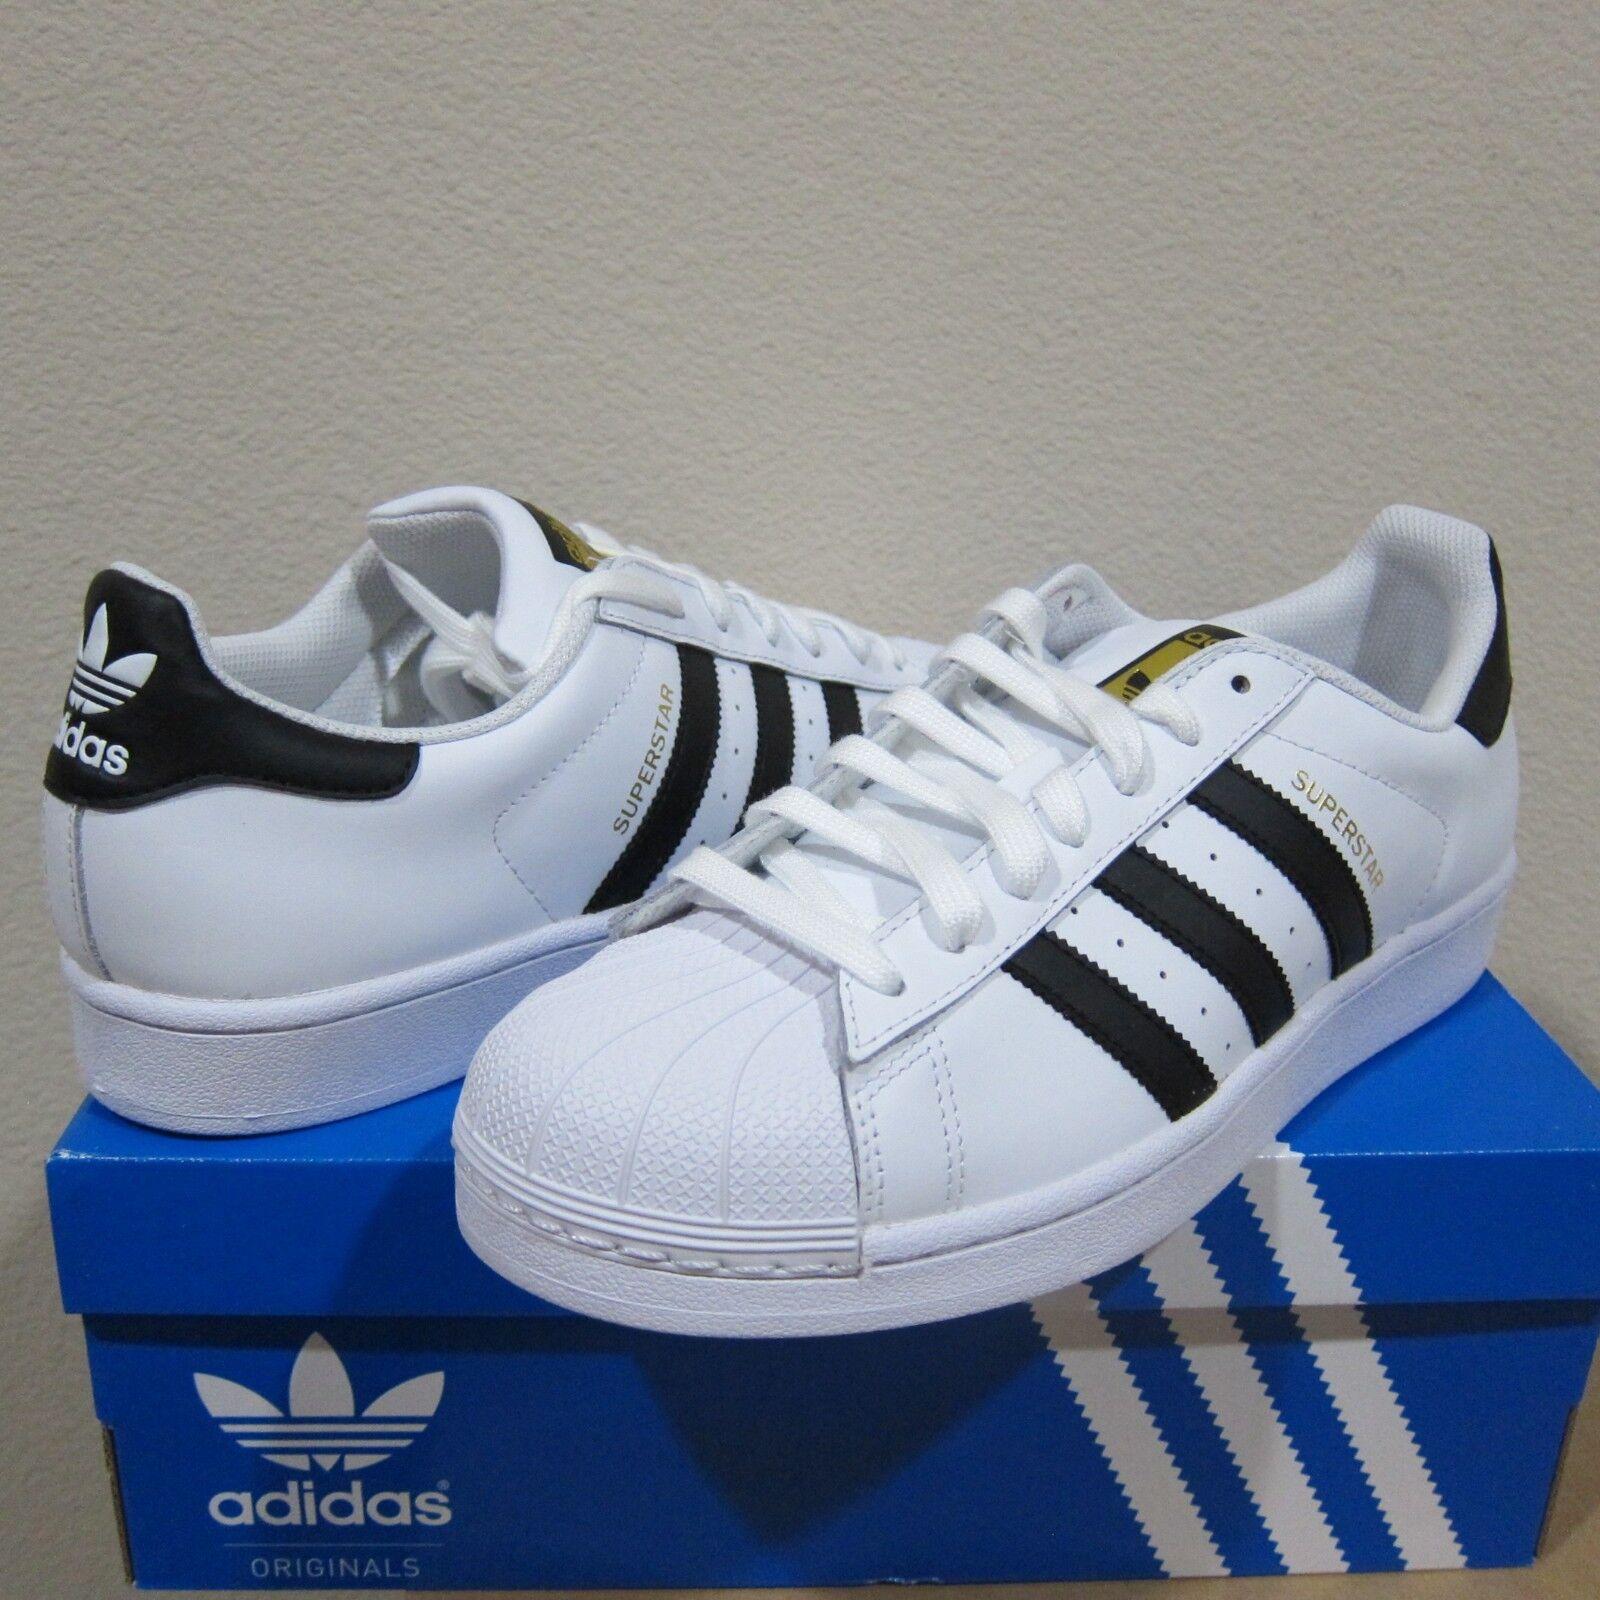 Adidas Originals Zapatos Superstar Zapatos Originals para hombre Blanco/negro/oro TENIS fa1067